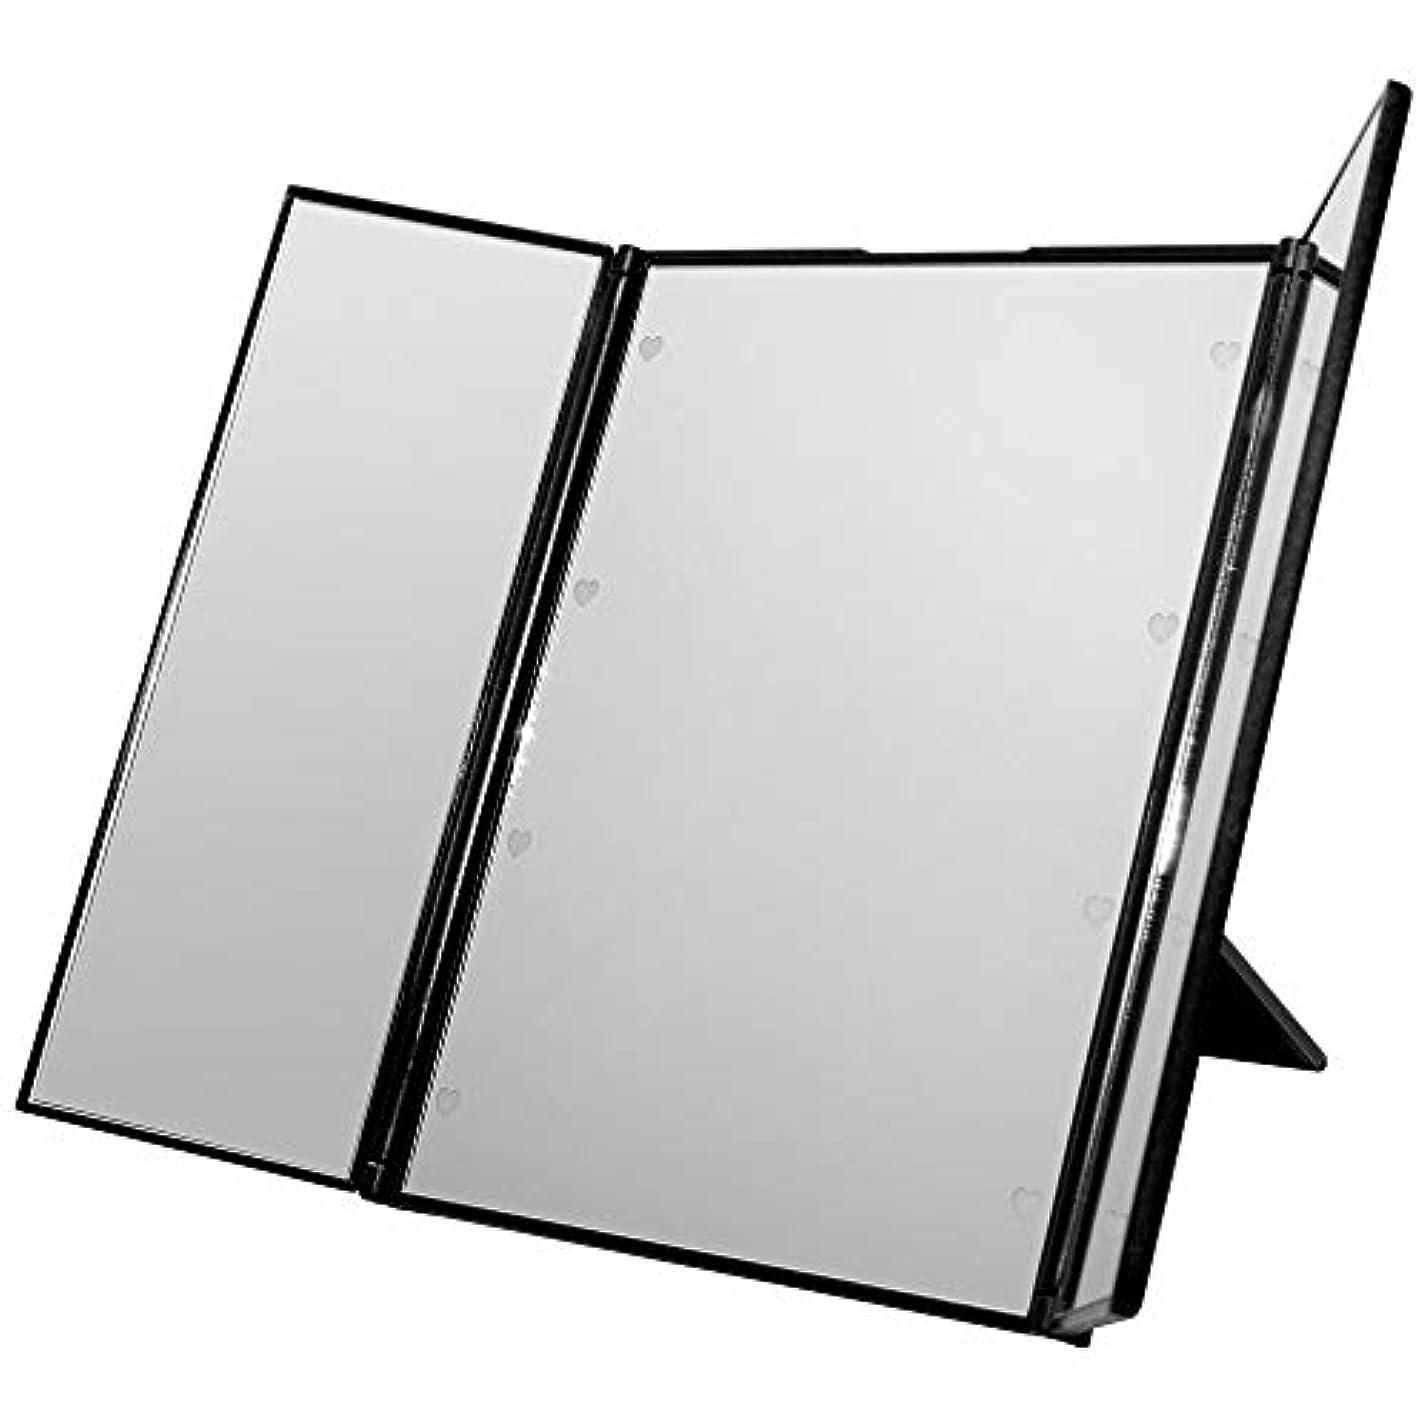 周辺ディスコ護衛?化粧鏡 卓上ミラー三面鏡 スタンドミラー LED付き 折りたたみ式 角度調整可能 折りたたみ式 三面鏡 ハート 三面鏡 大型 大きい かわいい スタンド ミラー